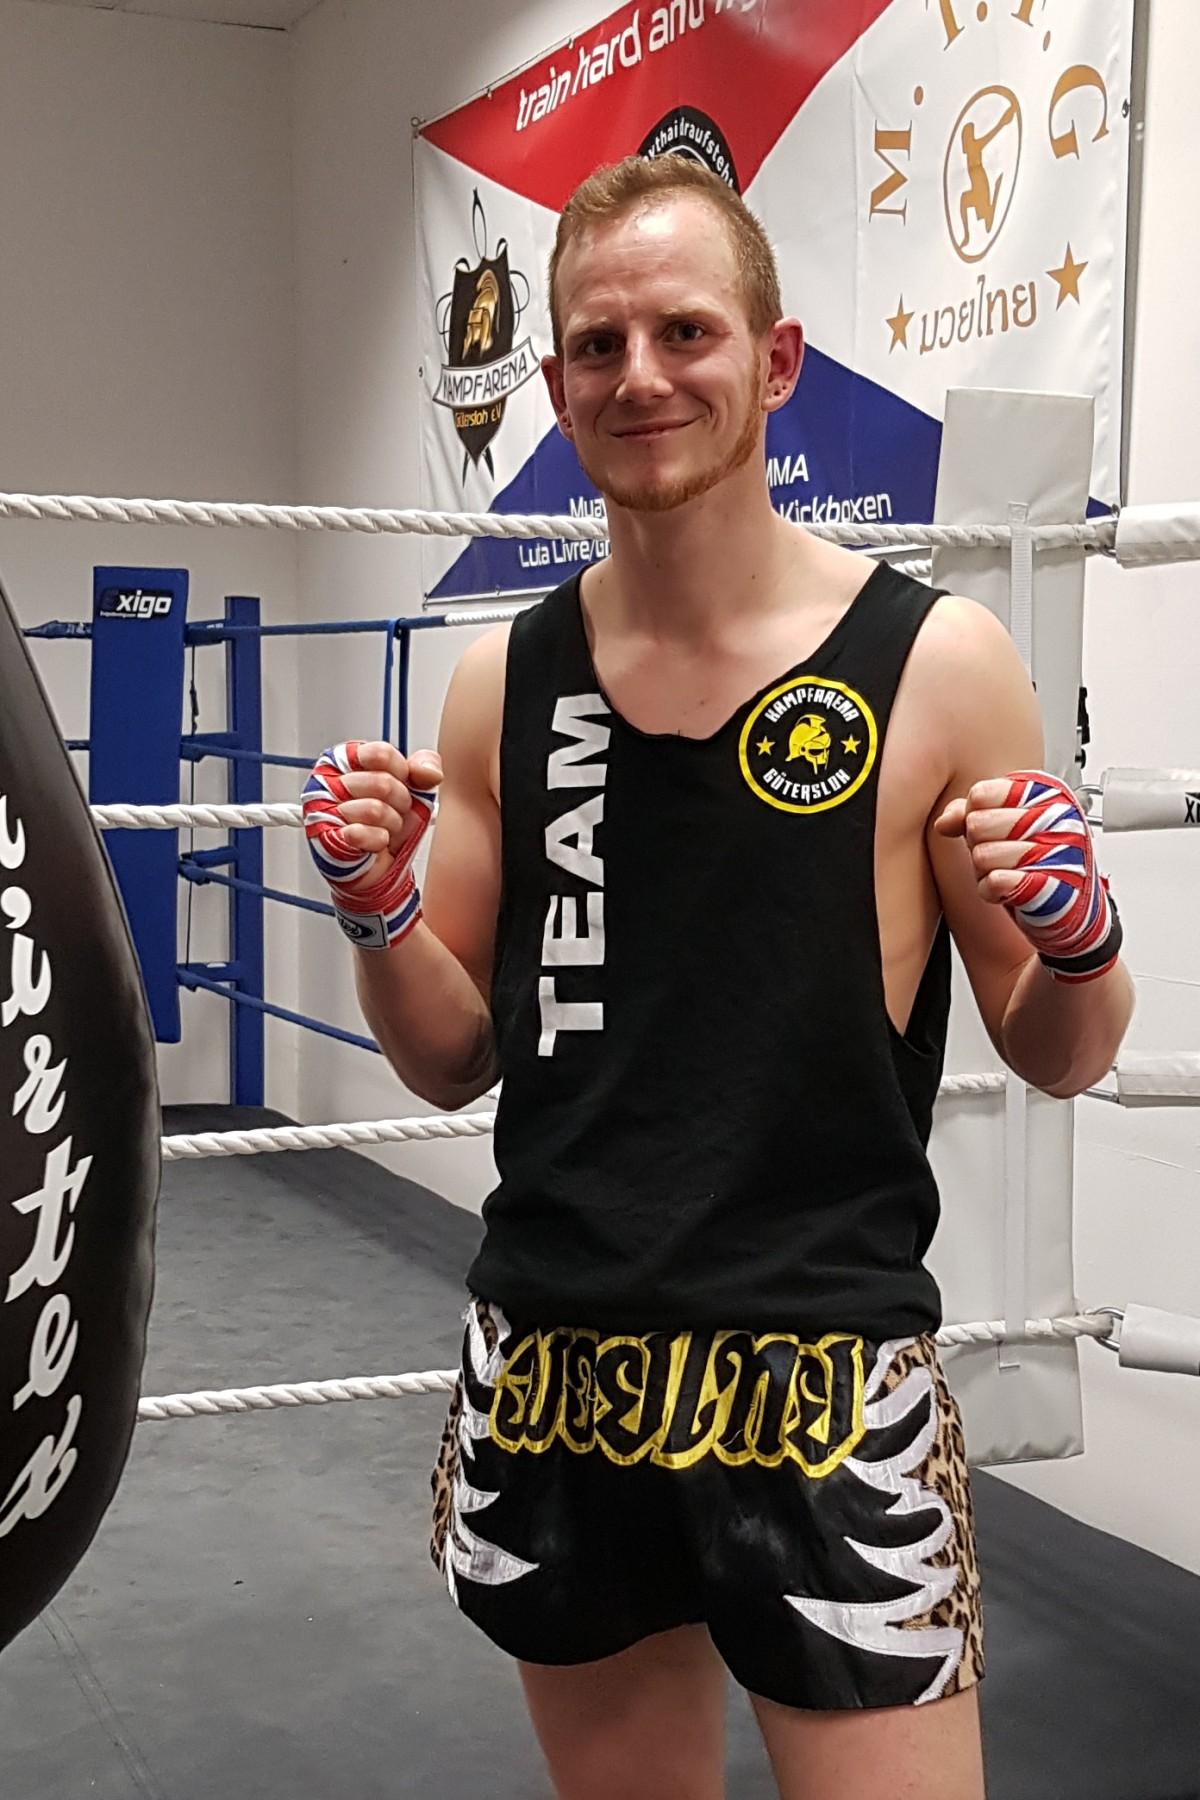 Alex Henkenjohann, qualifizierter Trainer Muaythai, K-1, Gütersloh, Kampfarena, Kampfsport